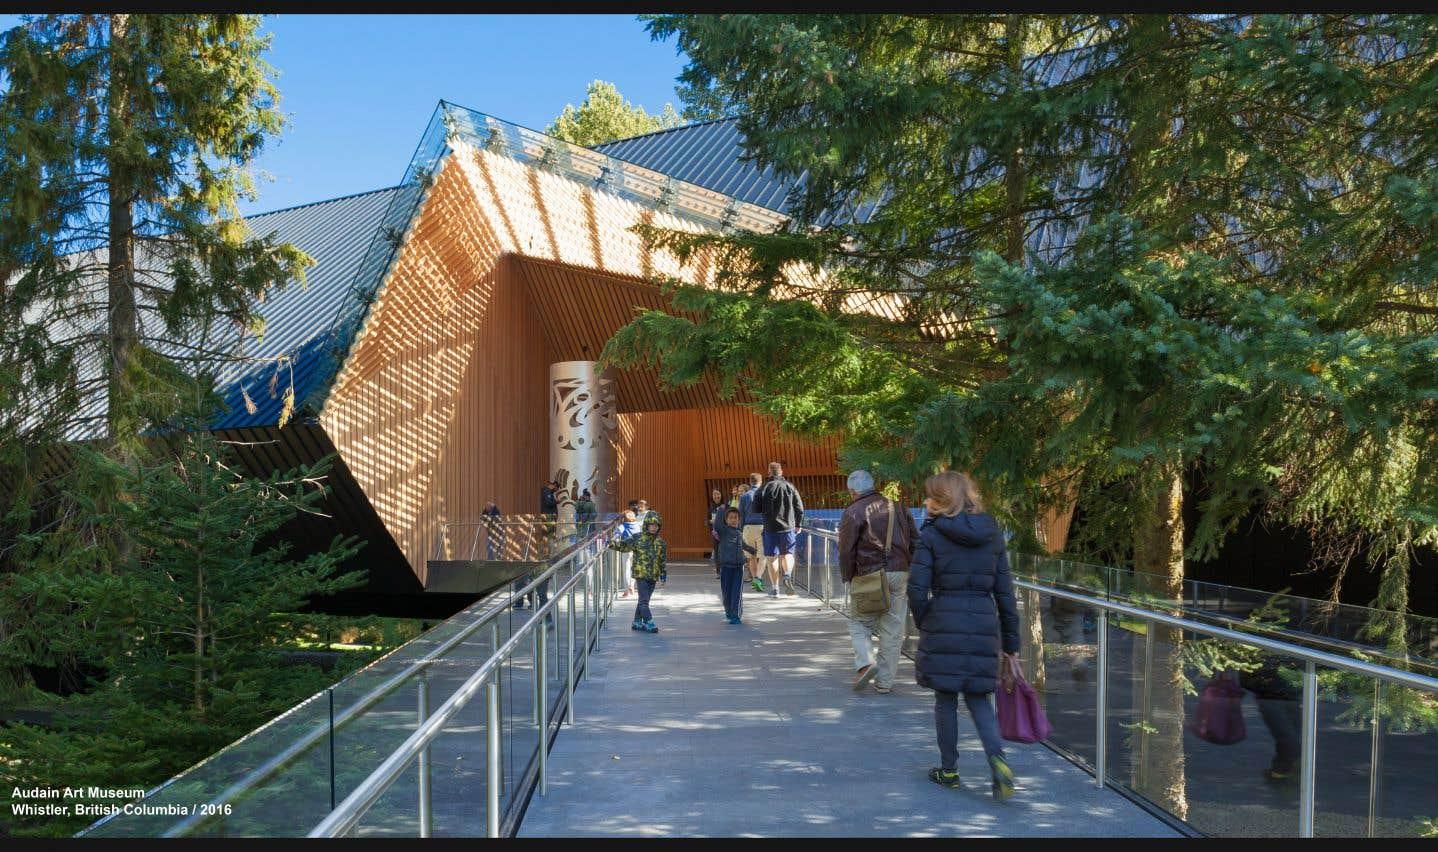 Le Musée d'art Audain (Colombie-Britannique), Patkau Architects